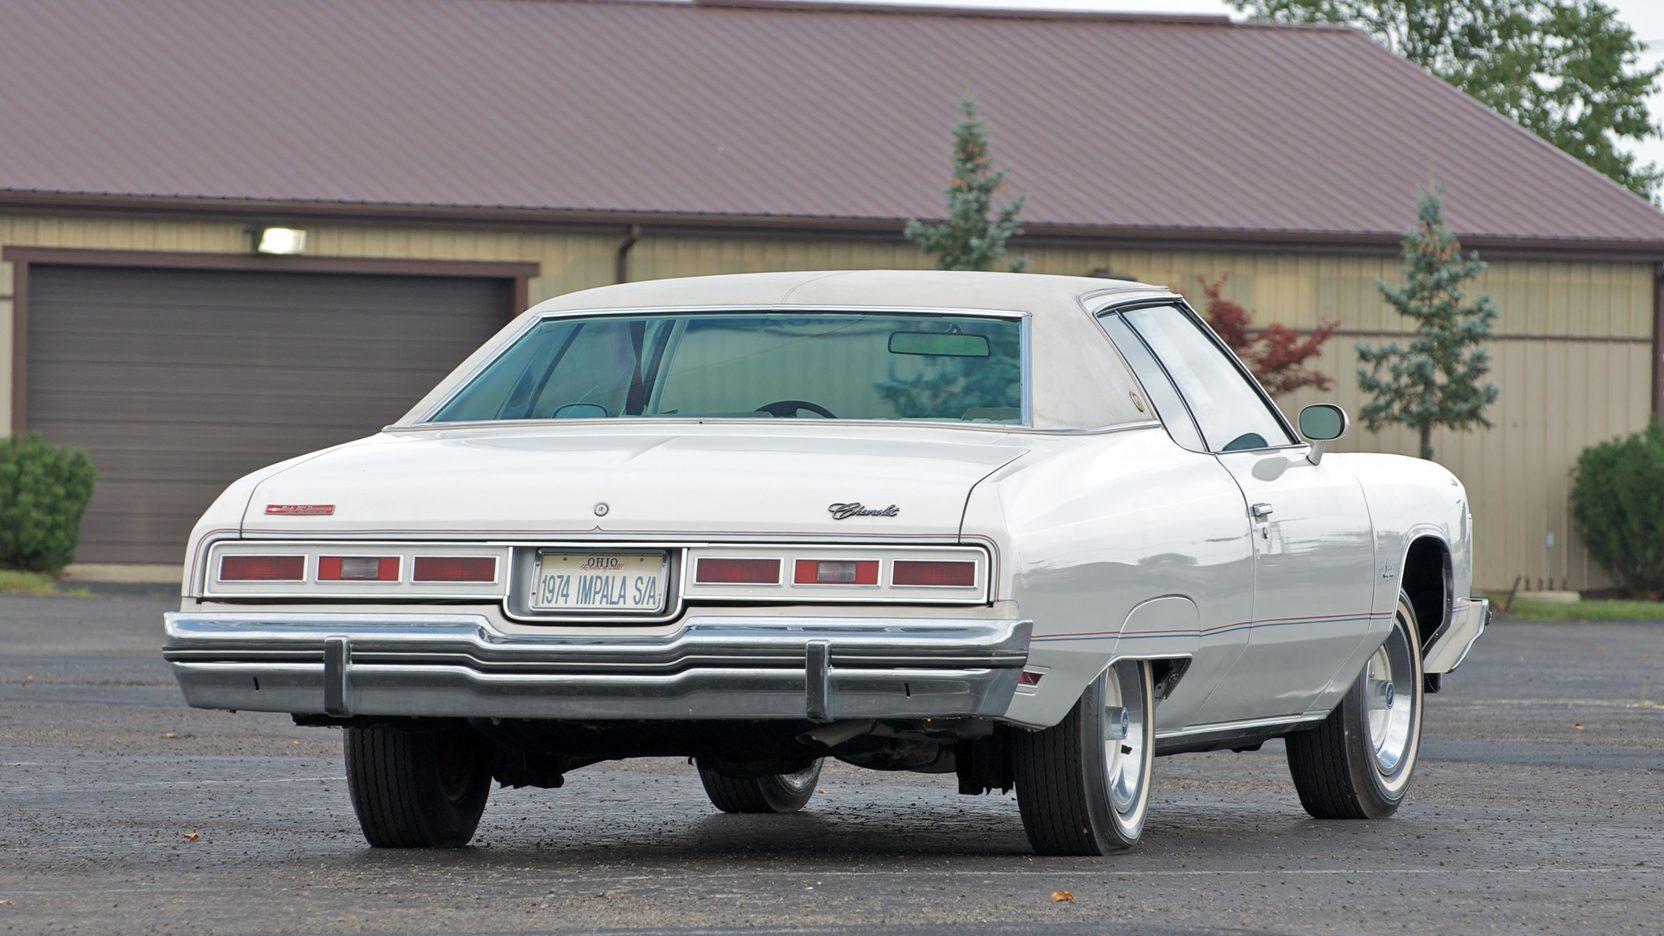 medium resolution of full screen 1974 chevrolet impala